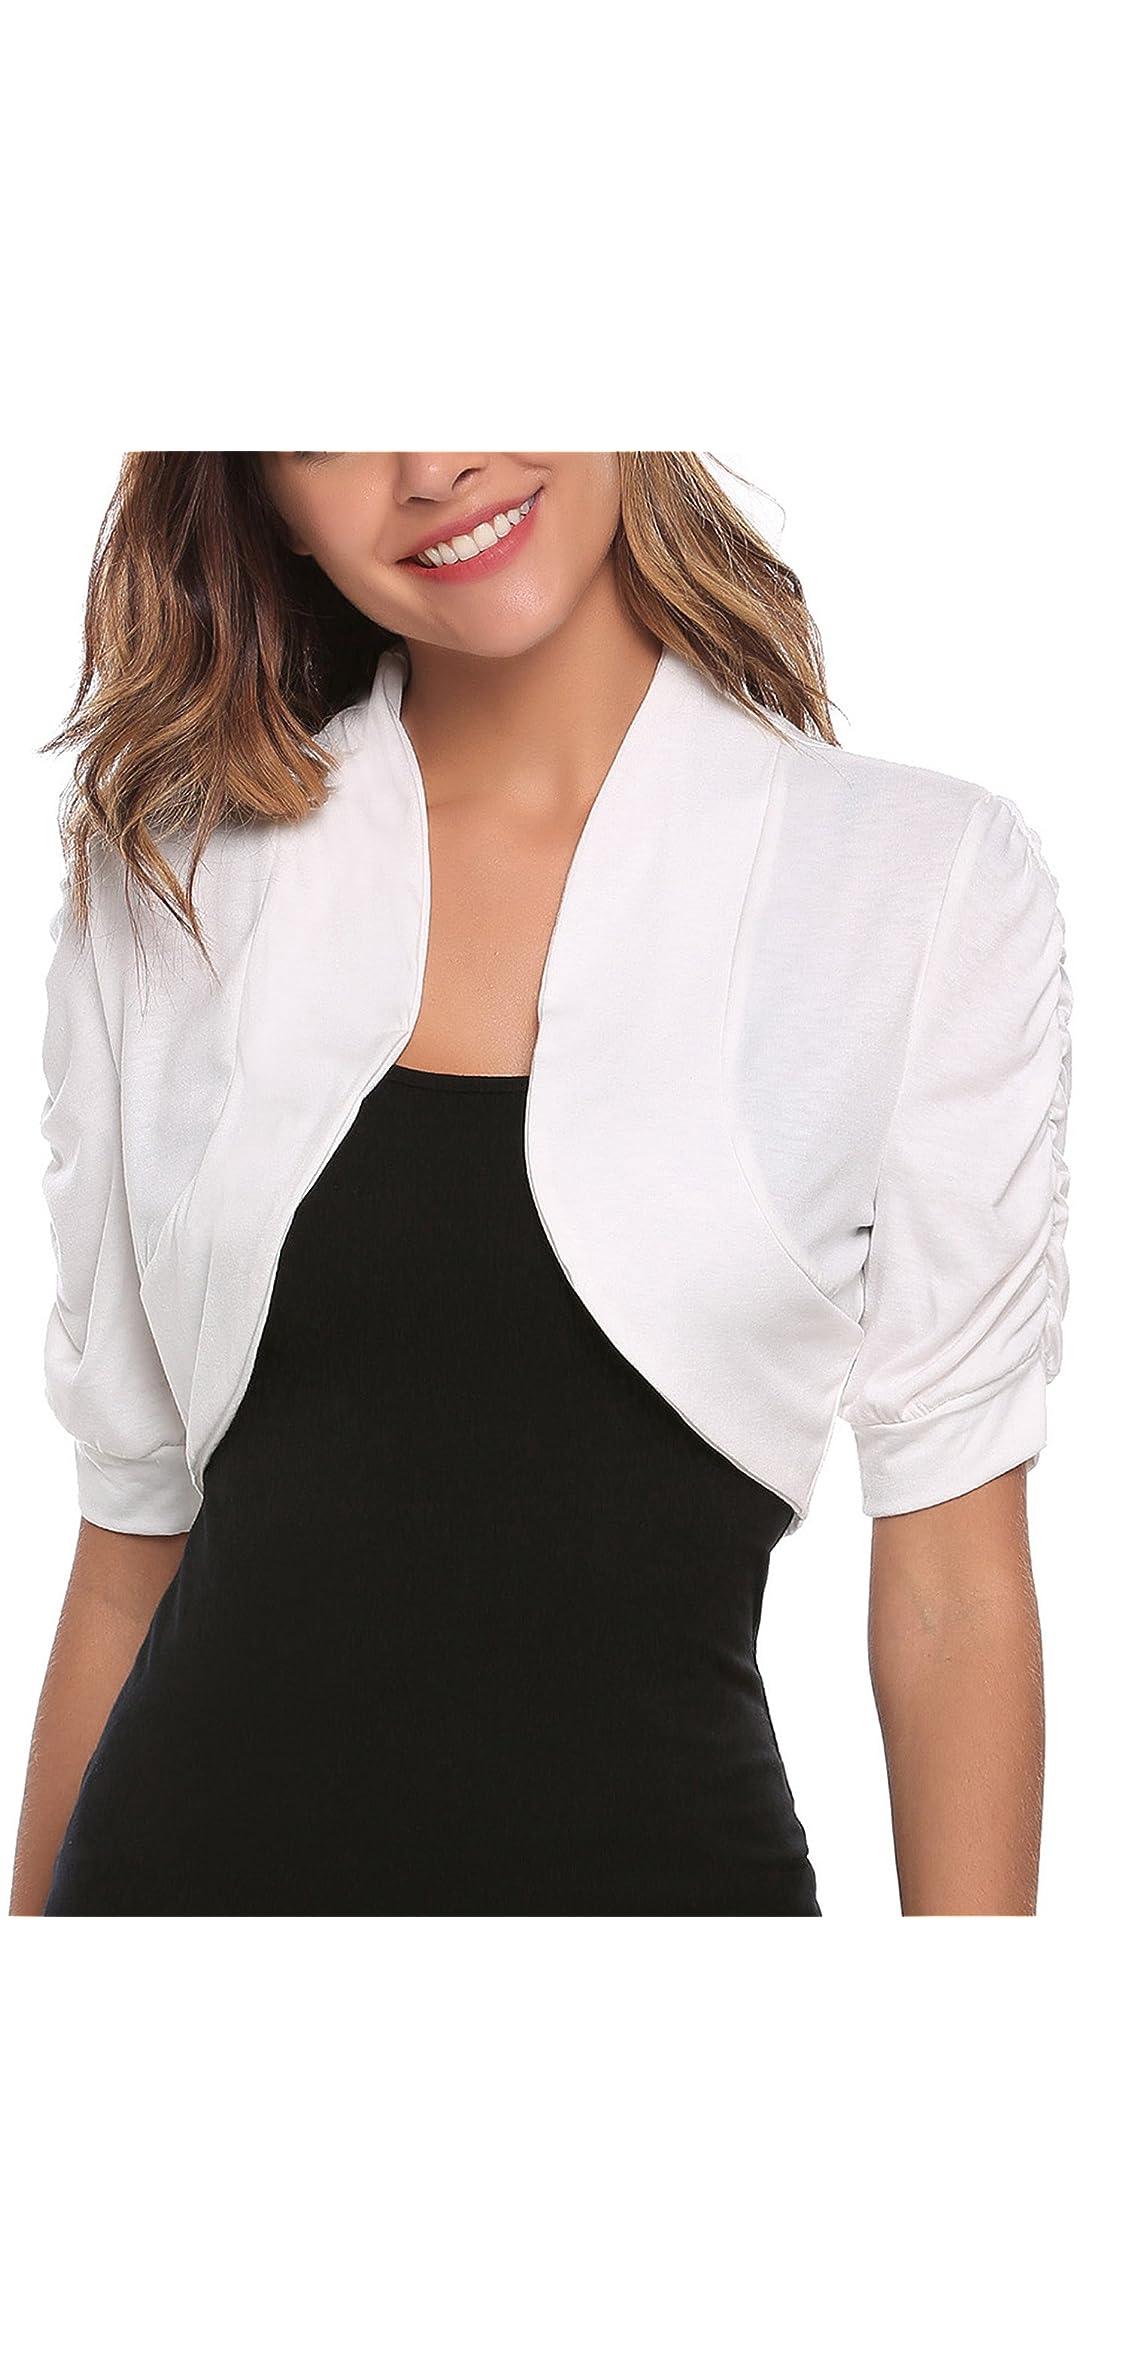 Women Short Sleeve Bolero Shrug Ruched Cropped Cardigan